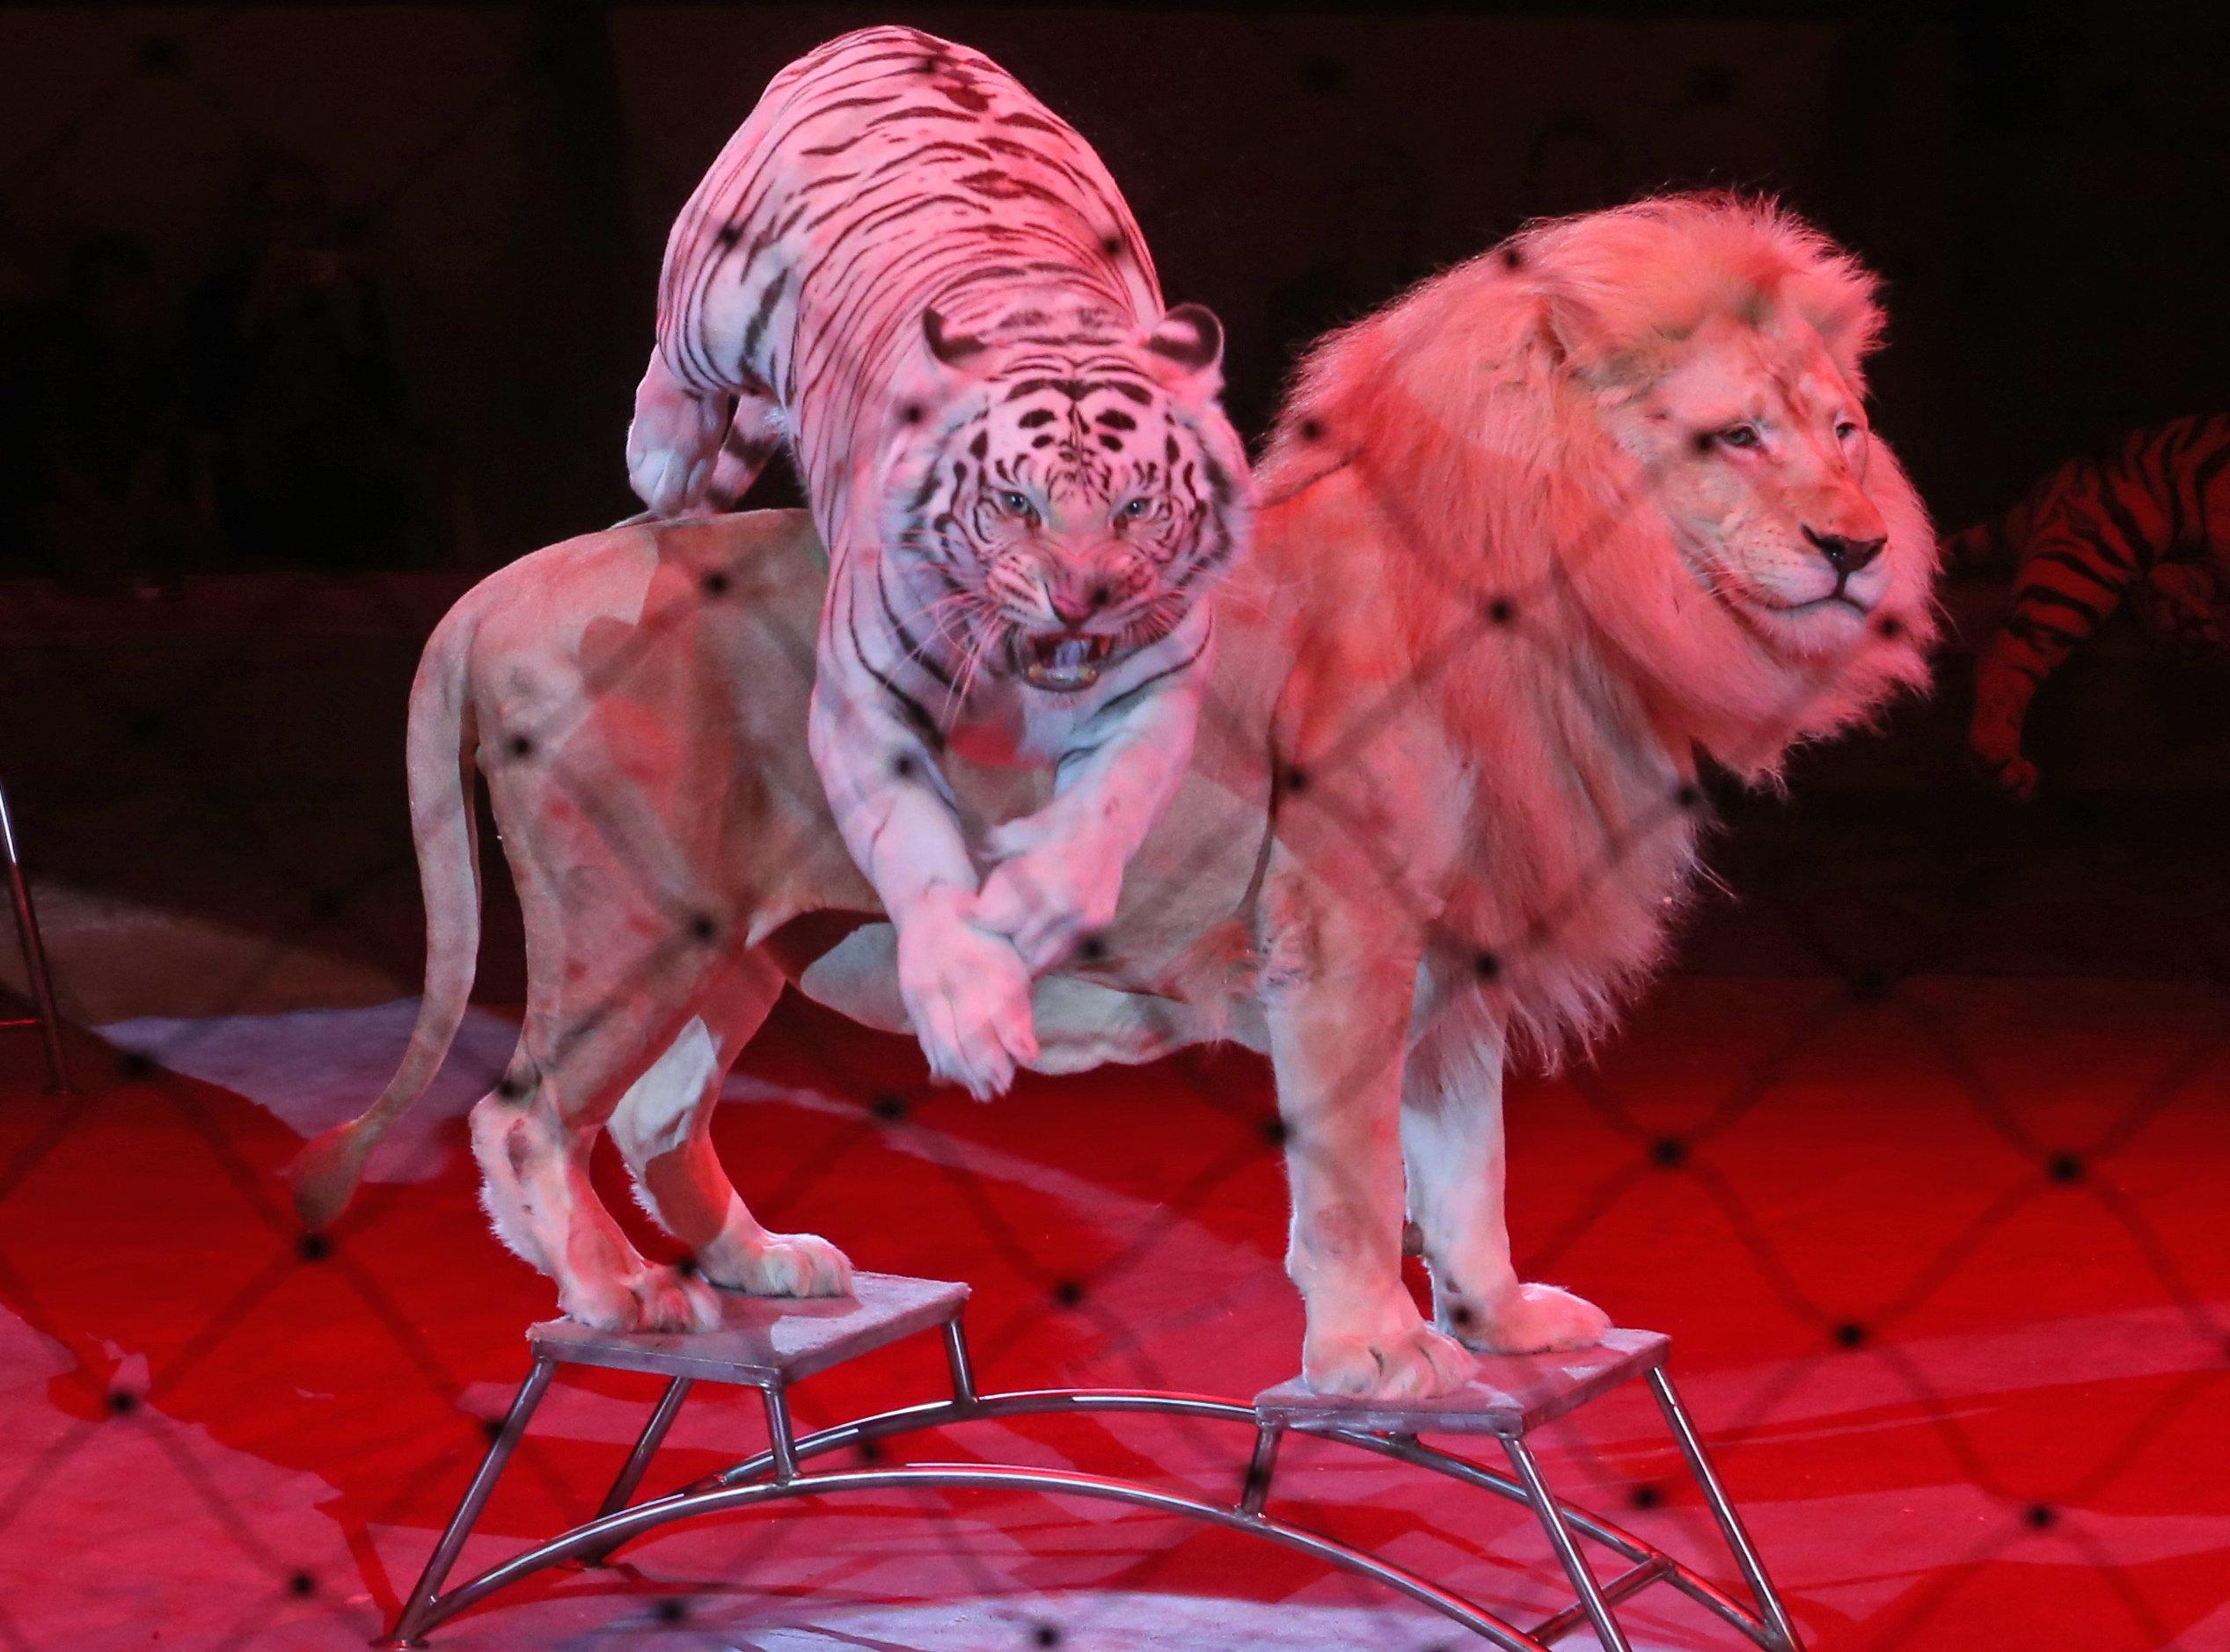 Λιοντάρι και τίγρης επιτίθενται σε άλογο. Η απόδειξη ότι τα ζώα δεν θα πρέπει να αιχμαλωτίζονται σε